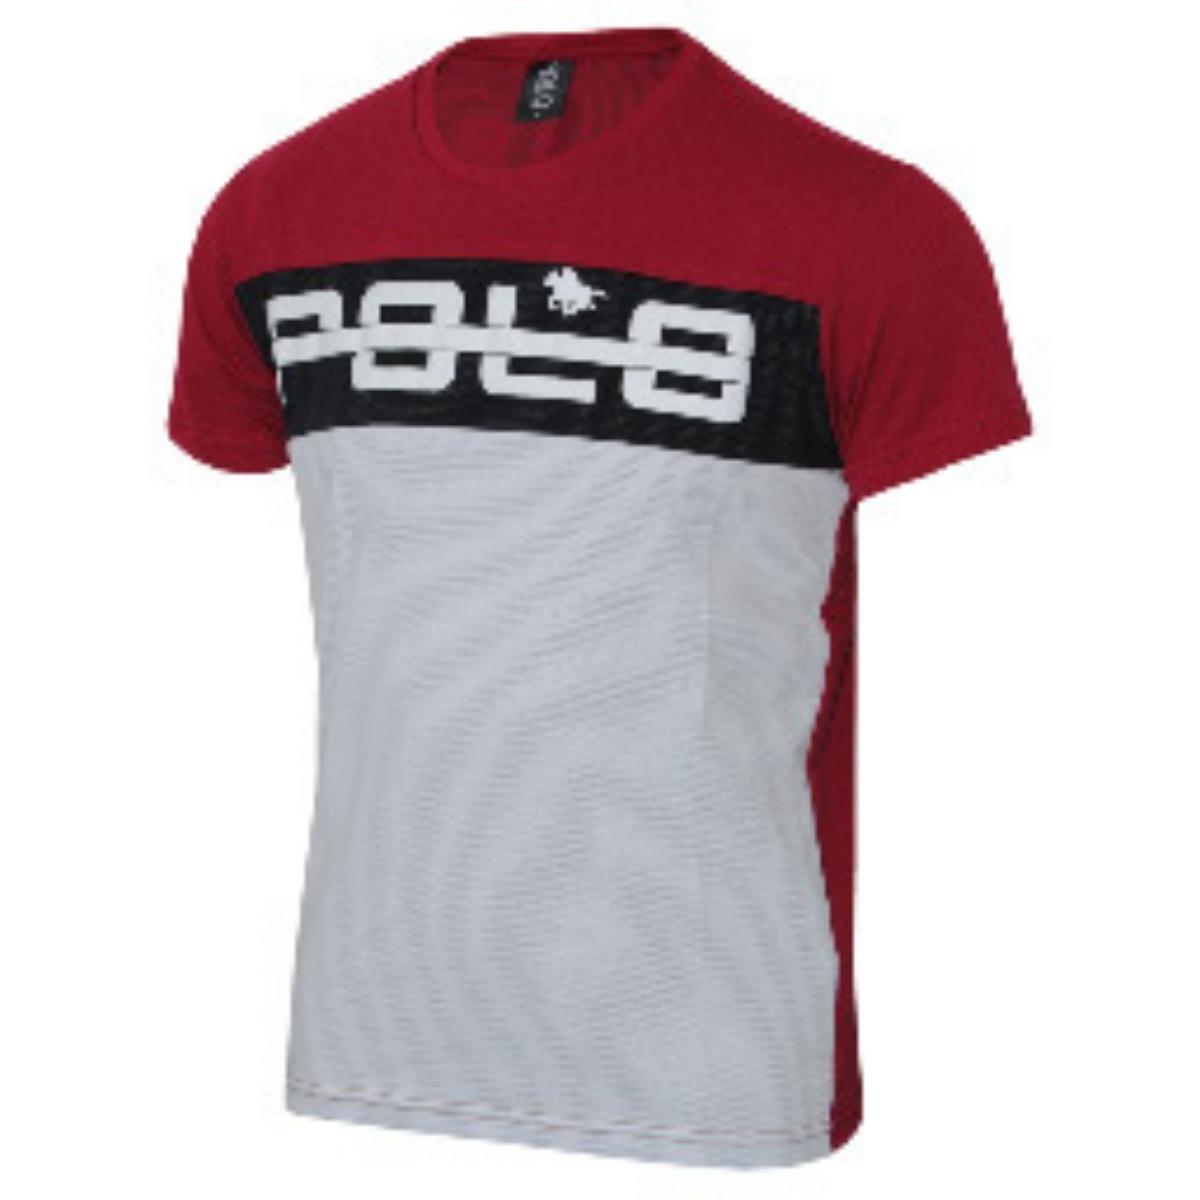 kIt com 2 e leve 3 Camiseta em Malha Micro furos  Estampa e Recorte